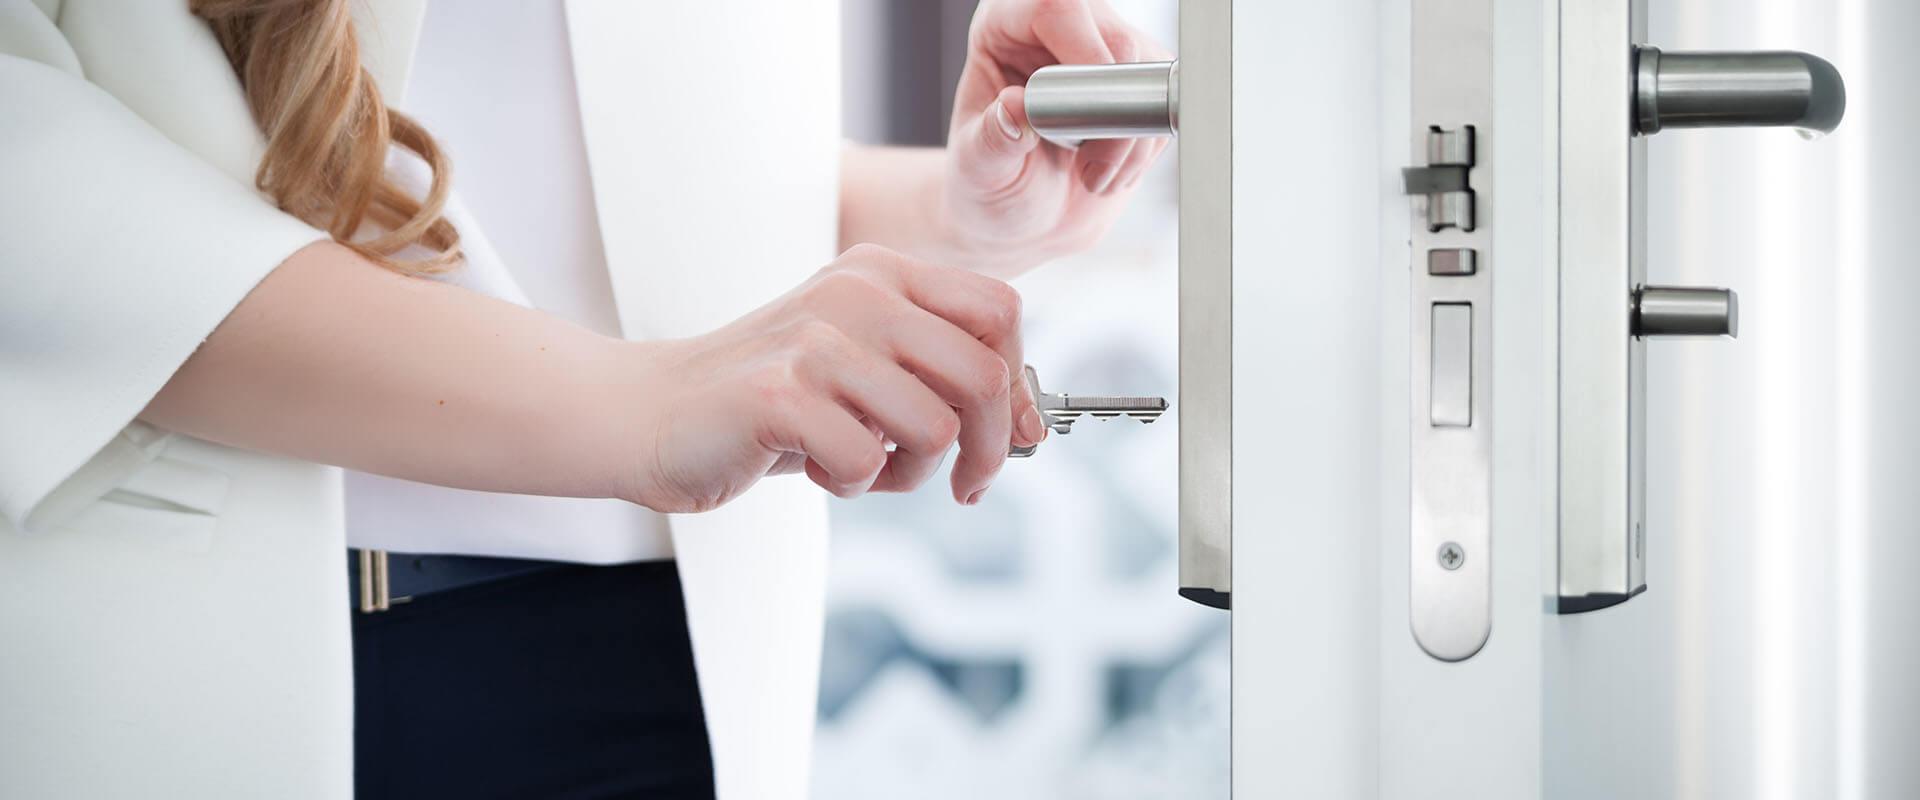 отваряне на врата